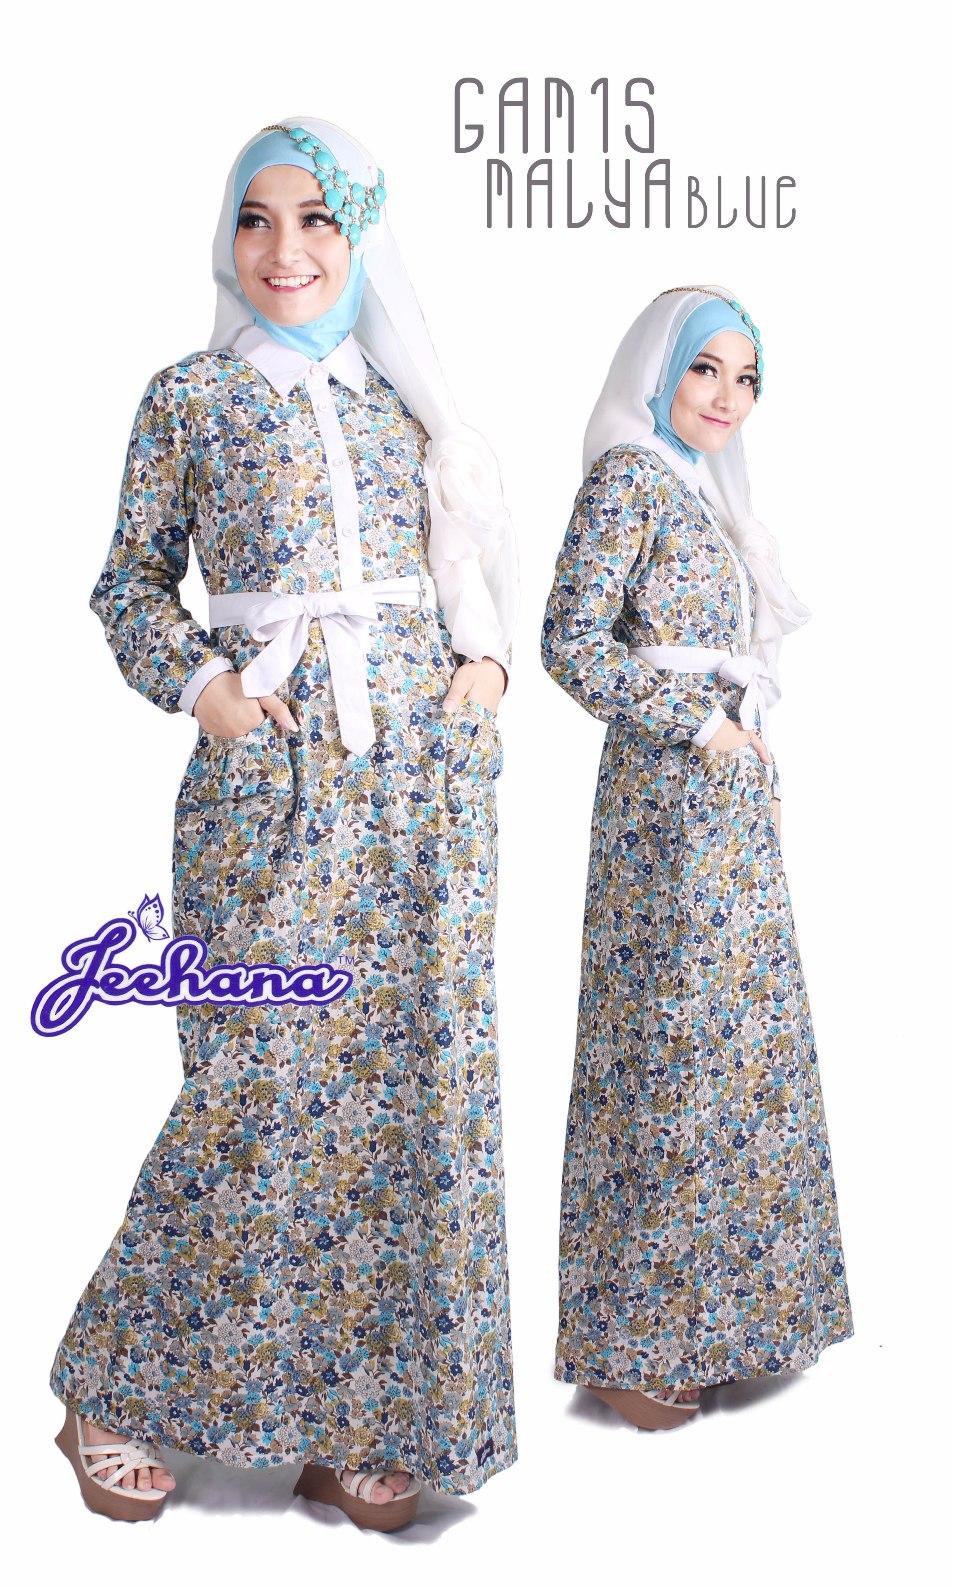 Baju Muslim Terbaru 2017 Online Gamis Cantik Malya Jeehana